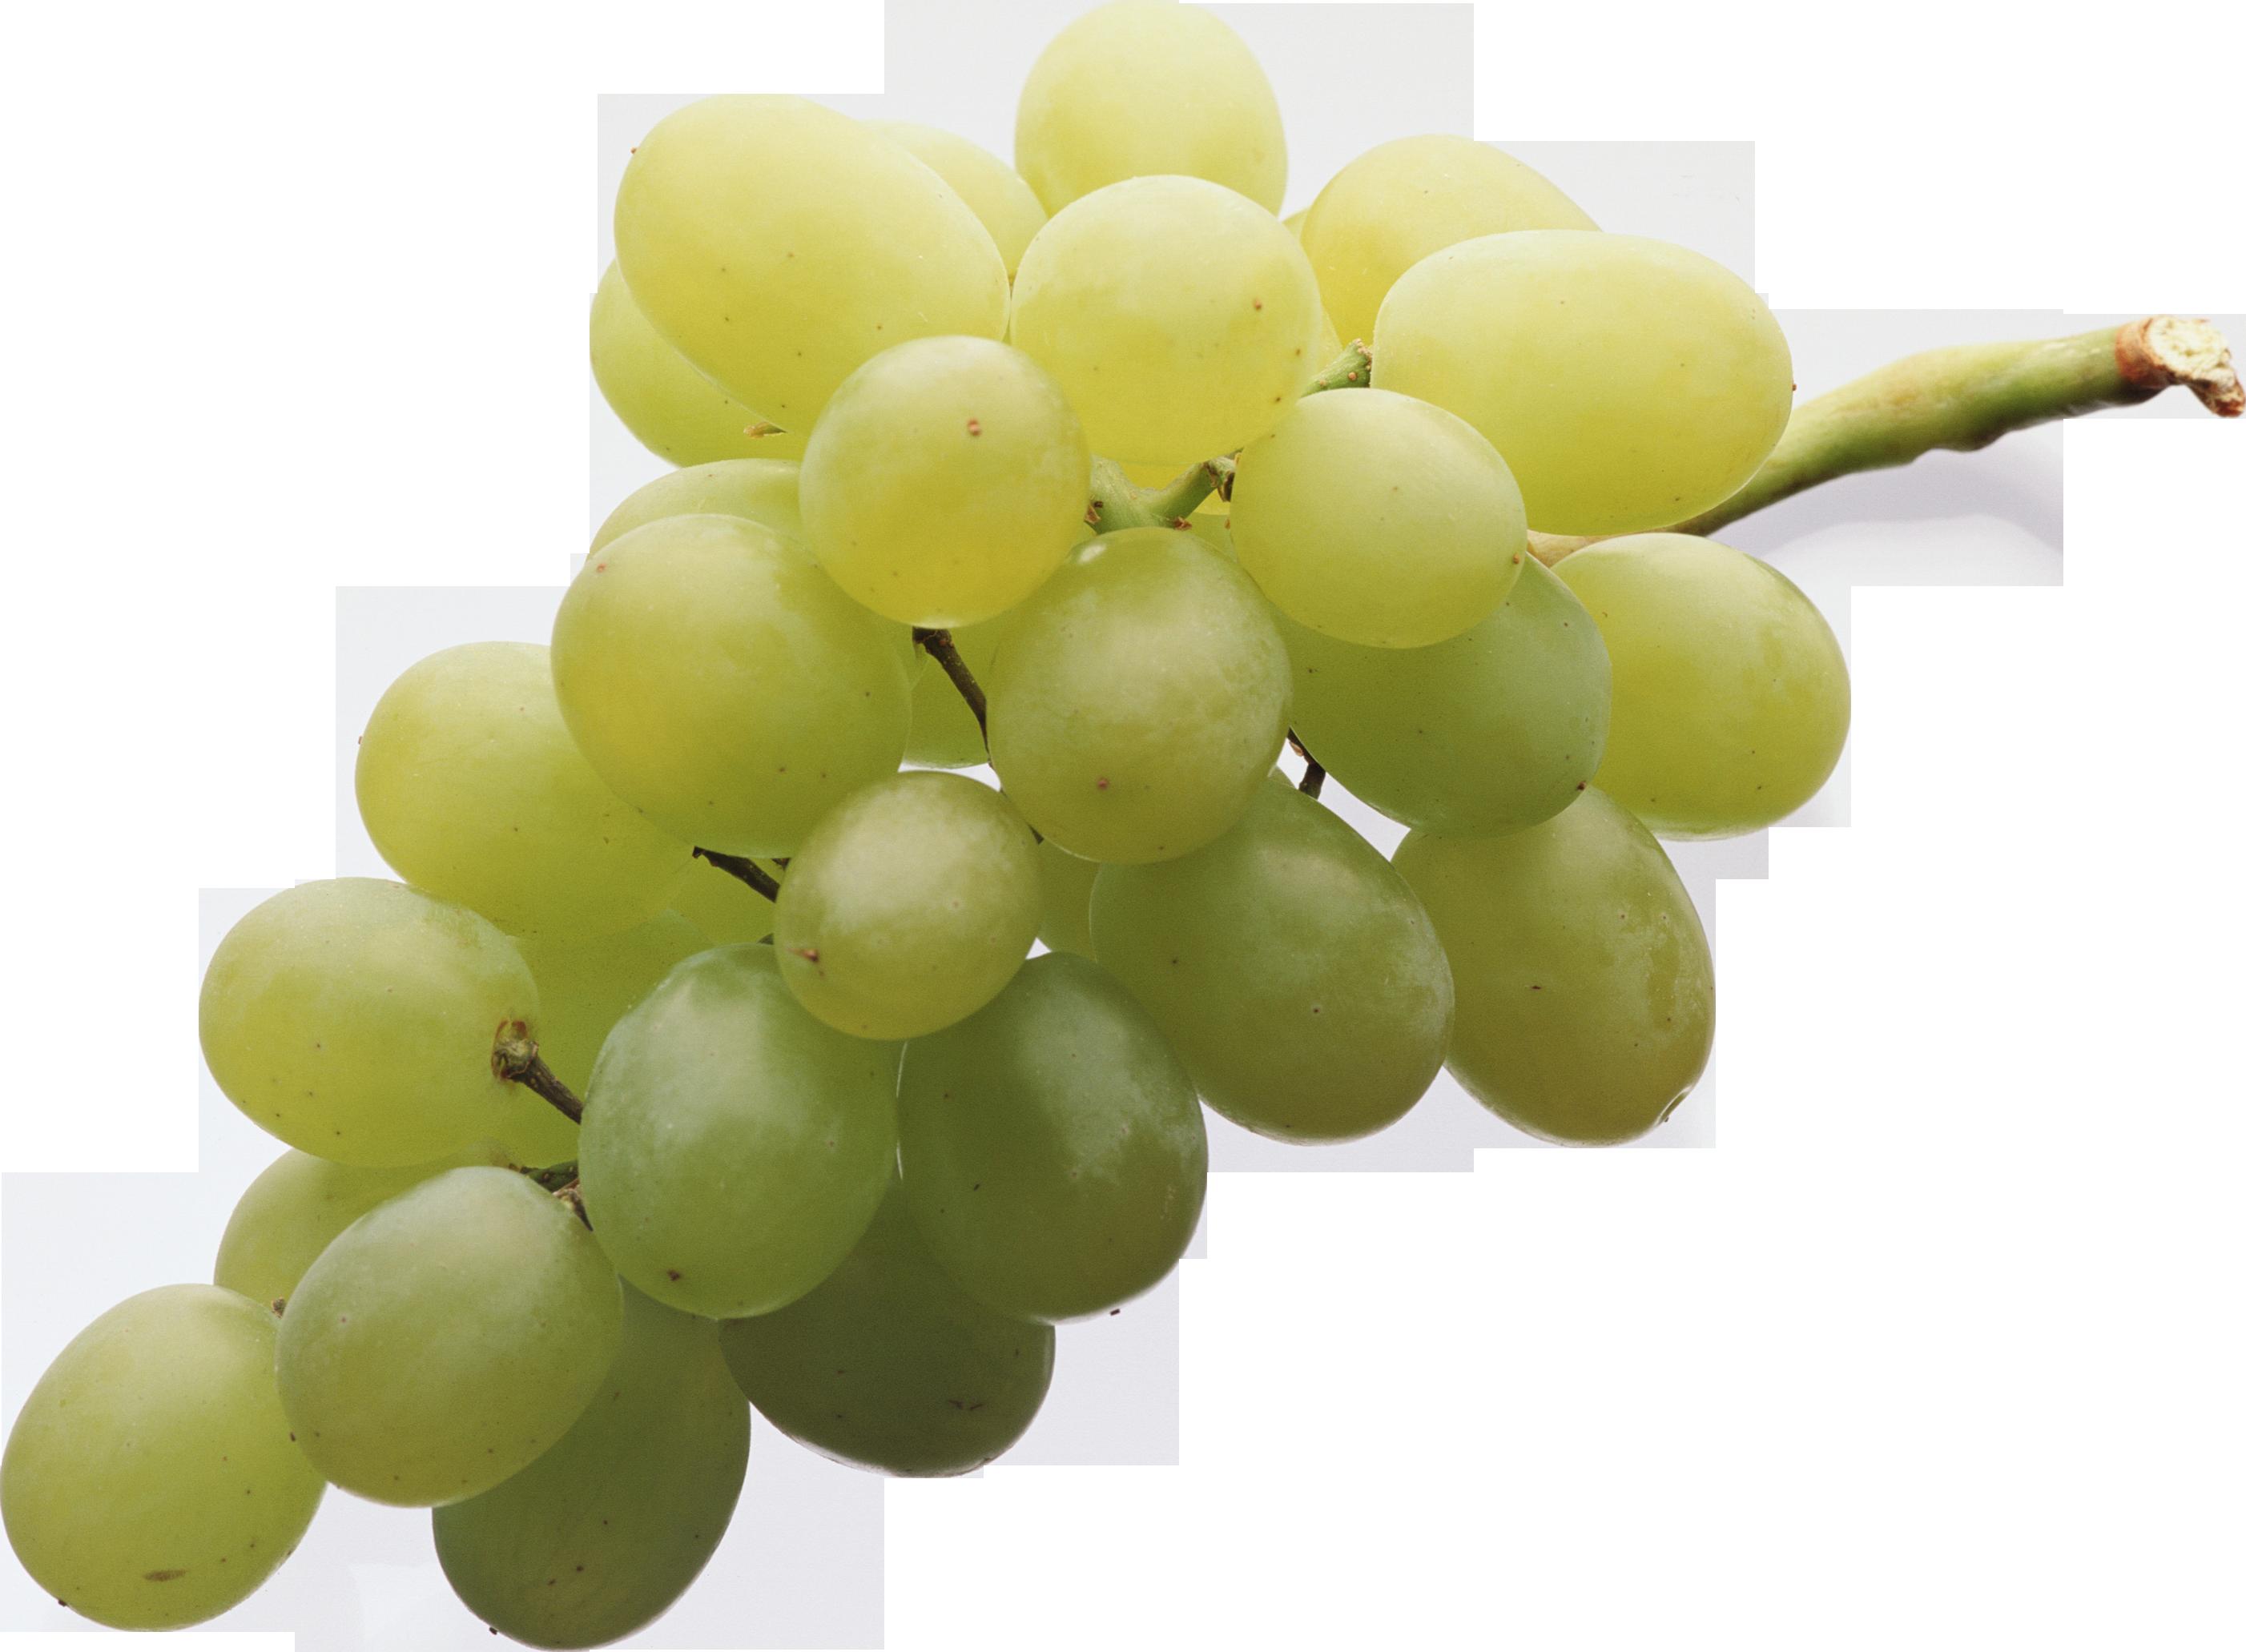 картинки на прозрачном виноград относится грибным, широко